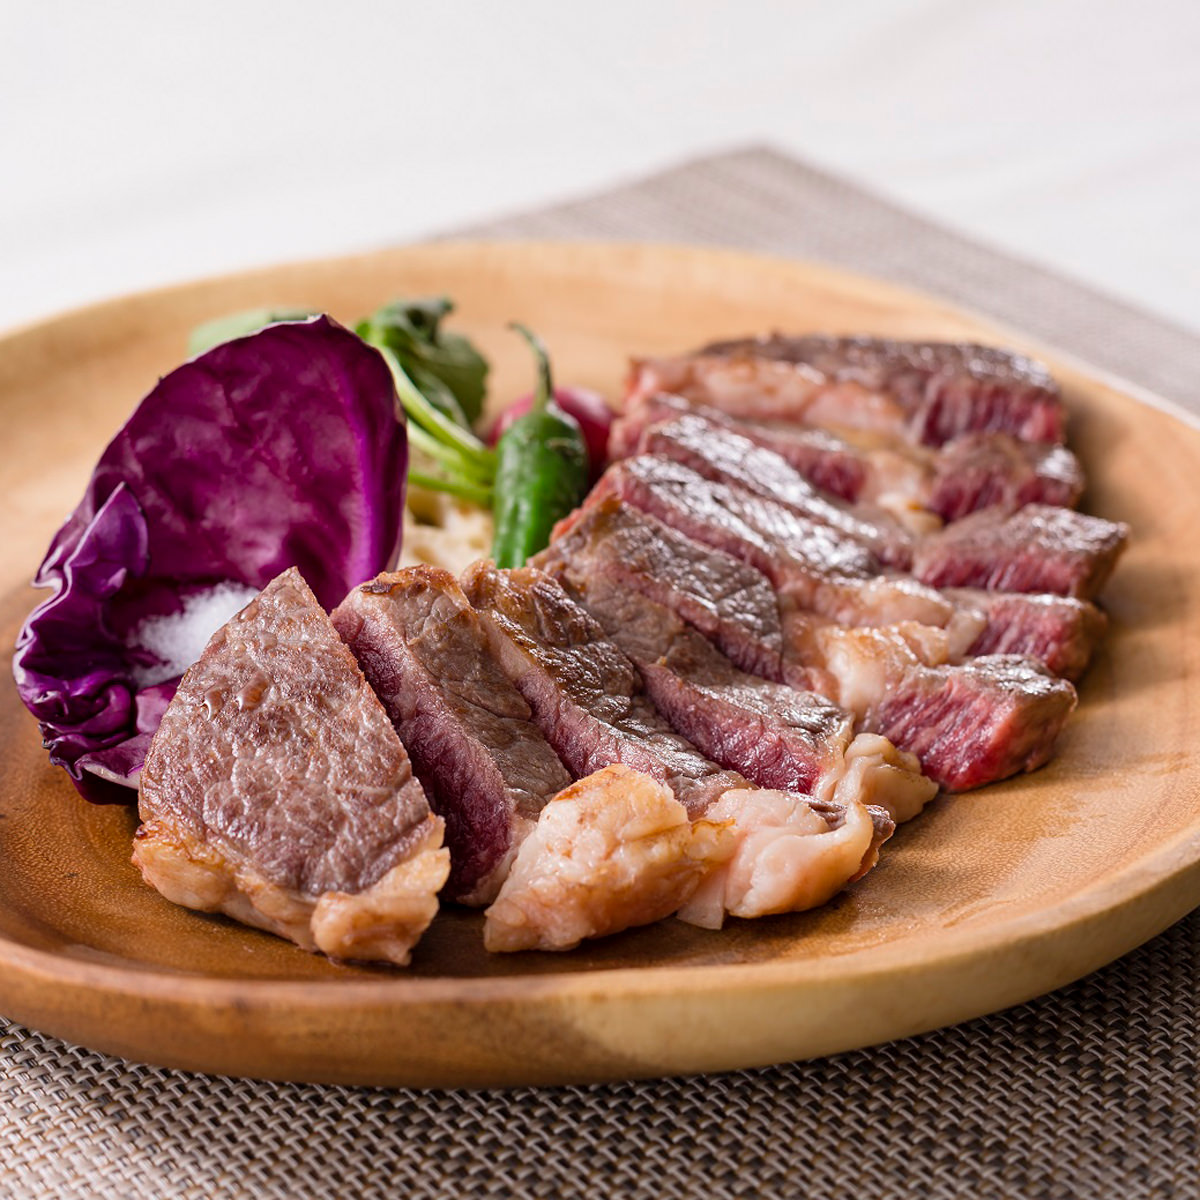 発酵熟成肉1ポンドステーキ 〔US産チャックアイロール 牛肩ロース 460g〕岡山県 石井食品